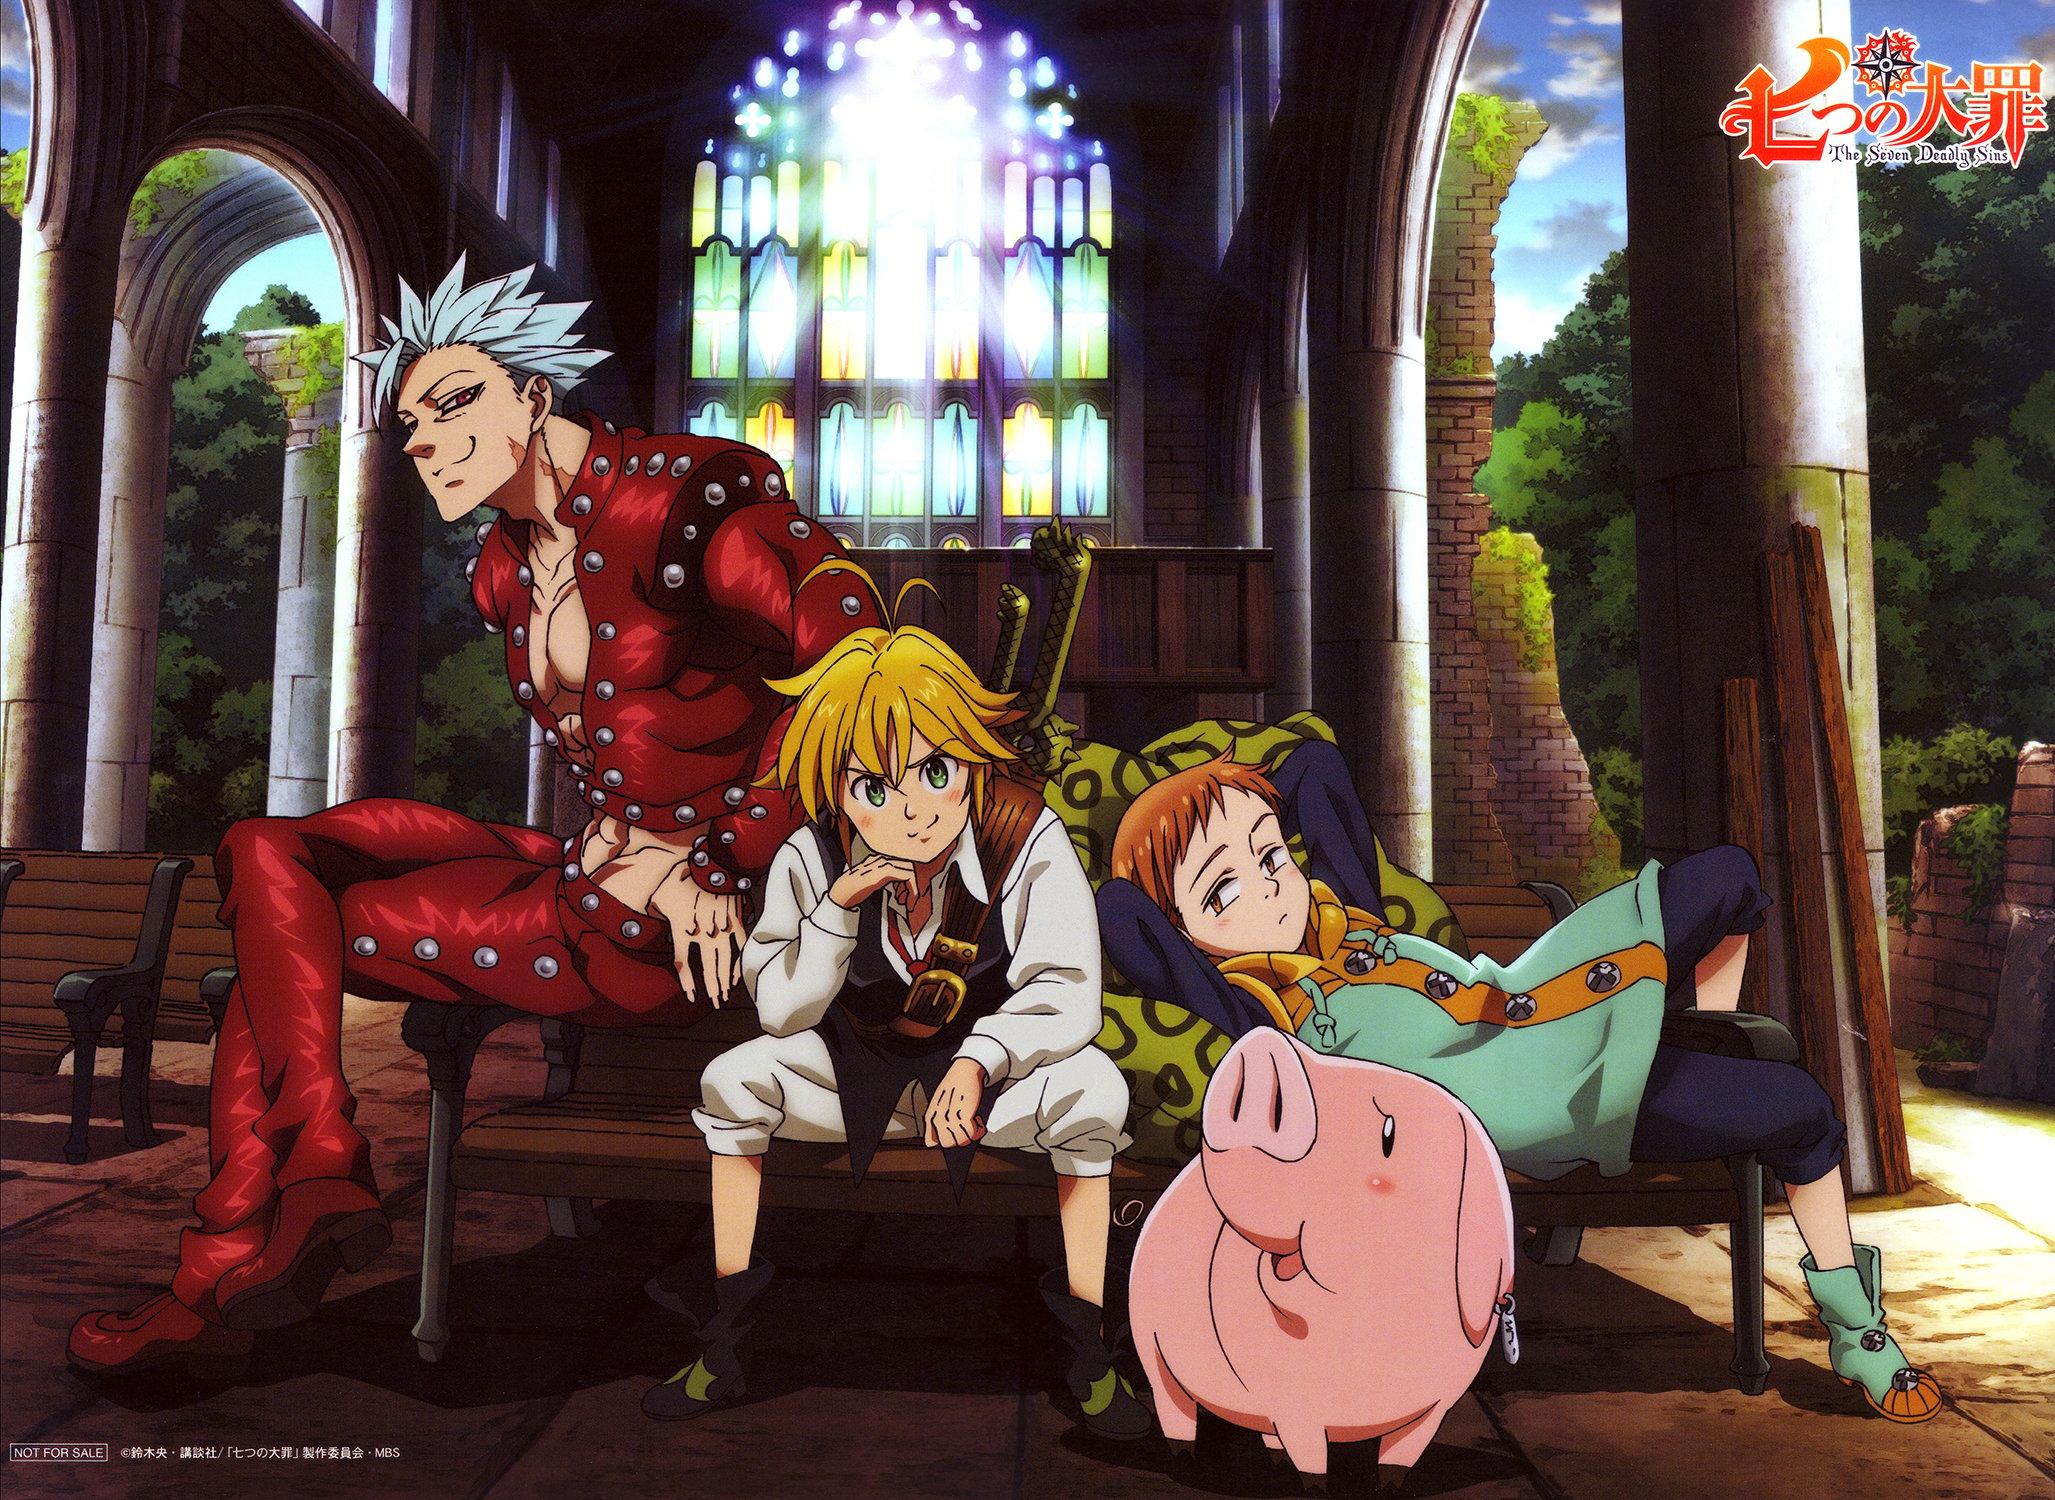 Fondos de pantalla Anime Los personajes de Los siete pecados capitales